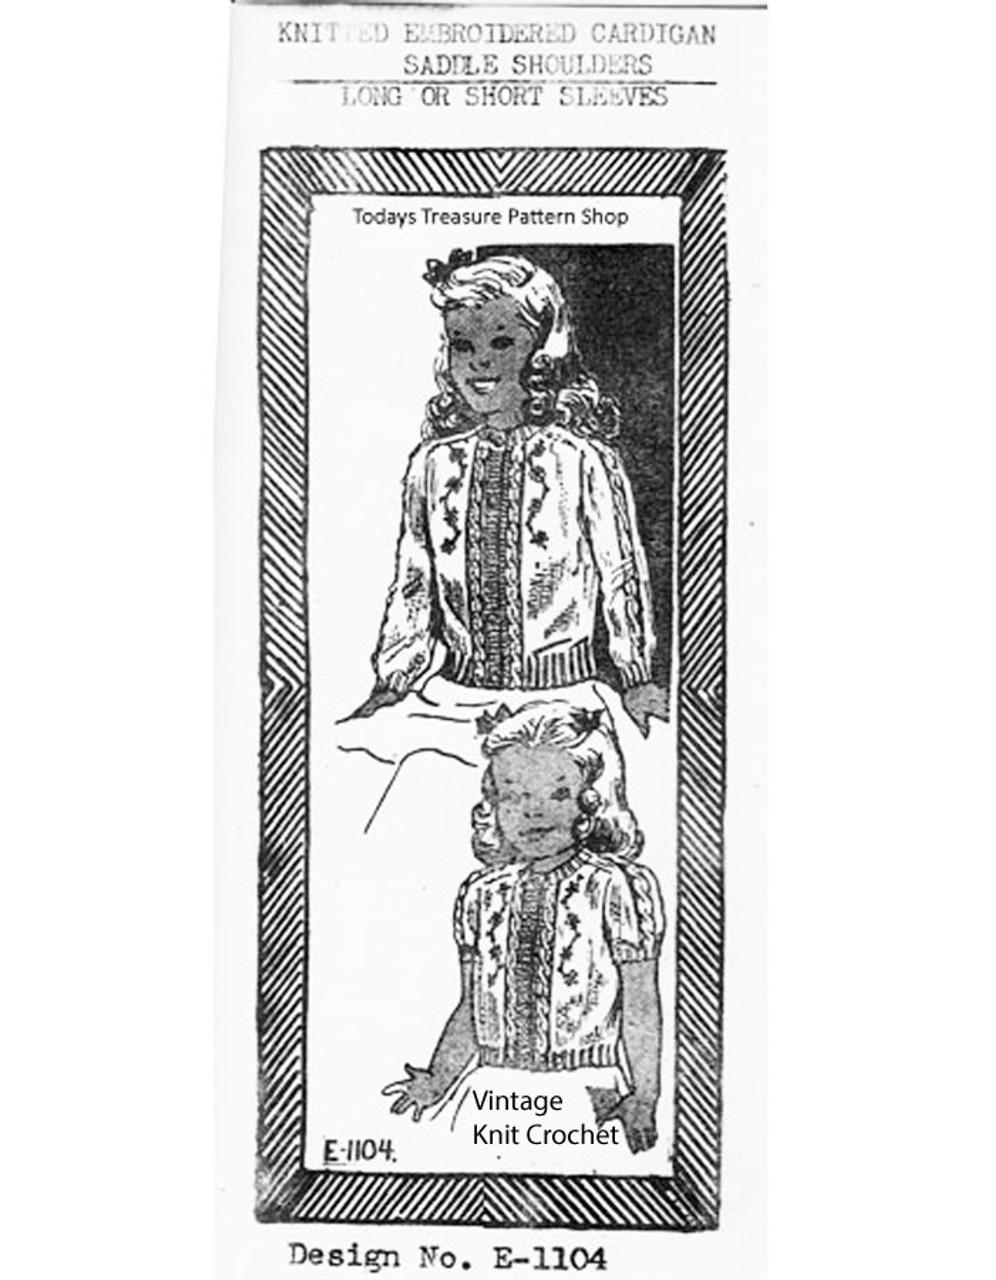 Girls Saddle Cardigan Jacket Knitting Pattern No E-1104